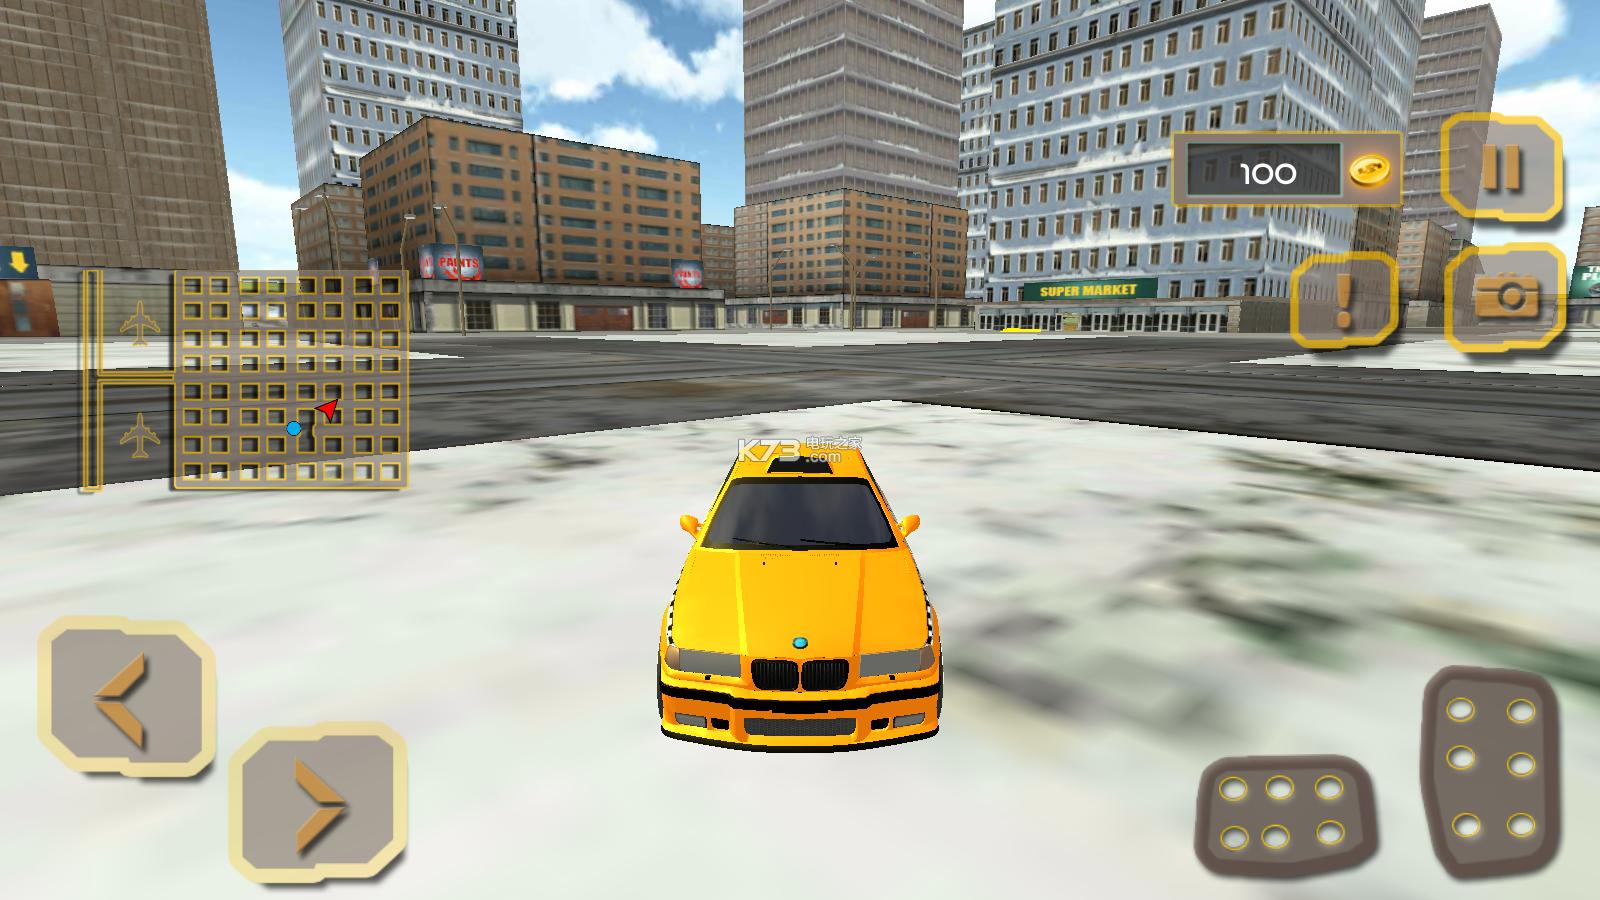 出租车司机赛车模拟器 v1.0.5 下载 截图